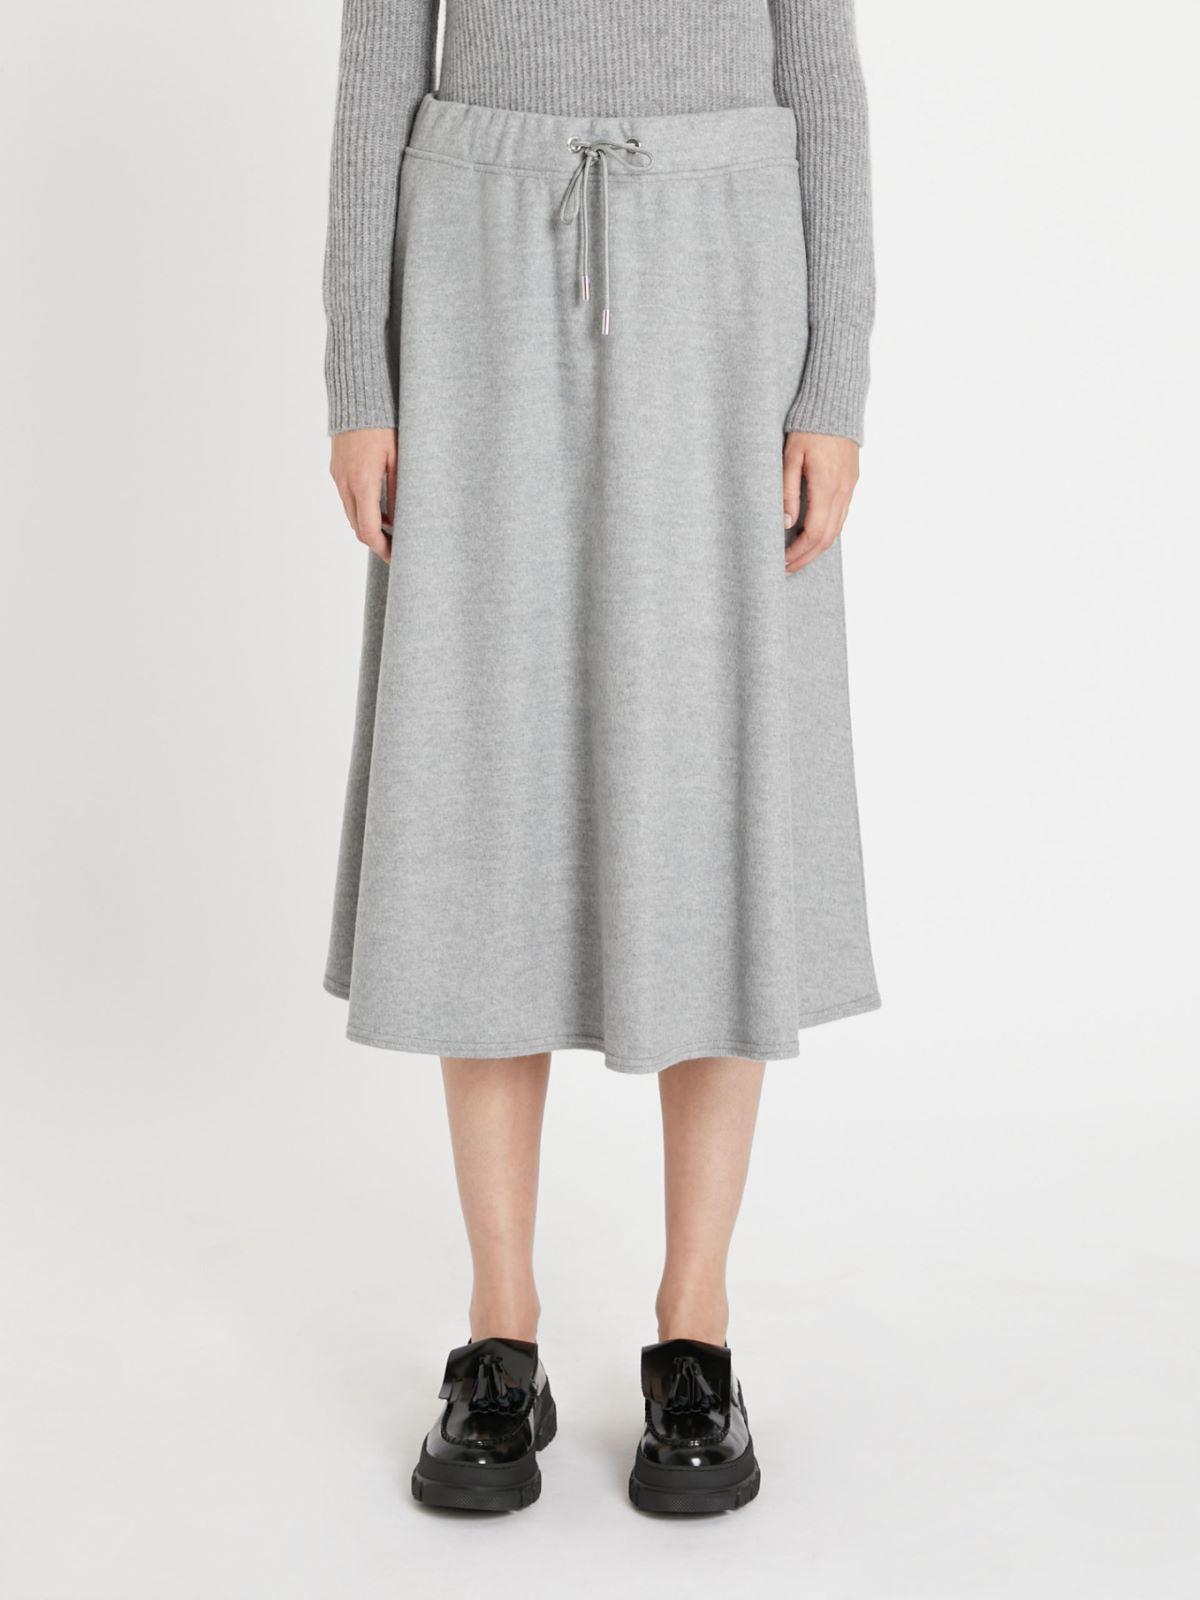 Wool-blend jersey skirt Weekend Maxmara